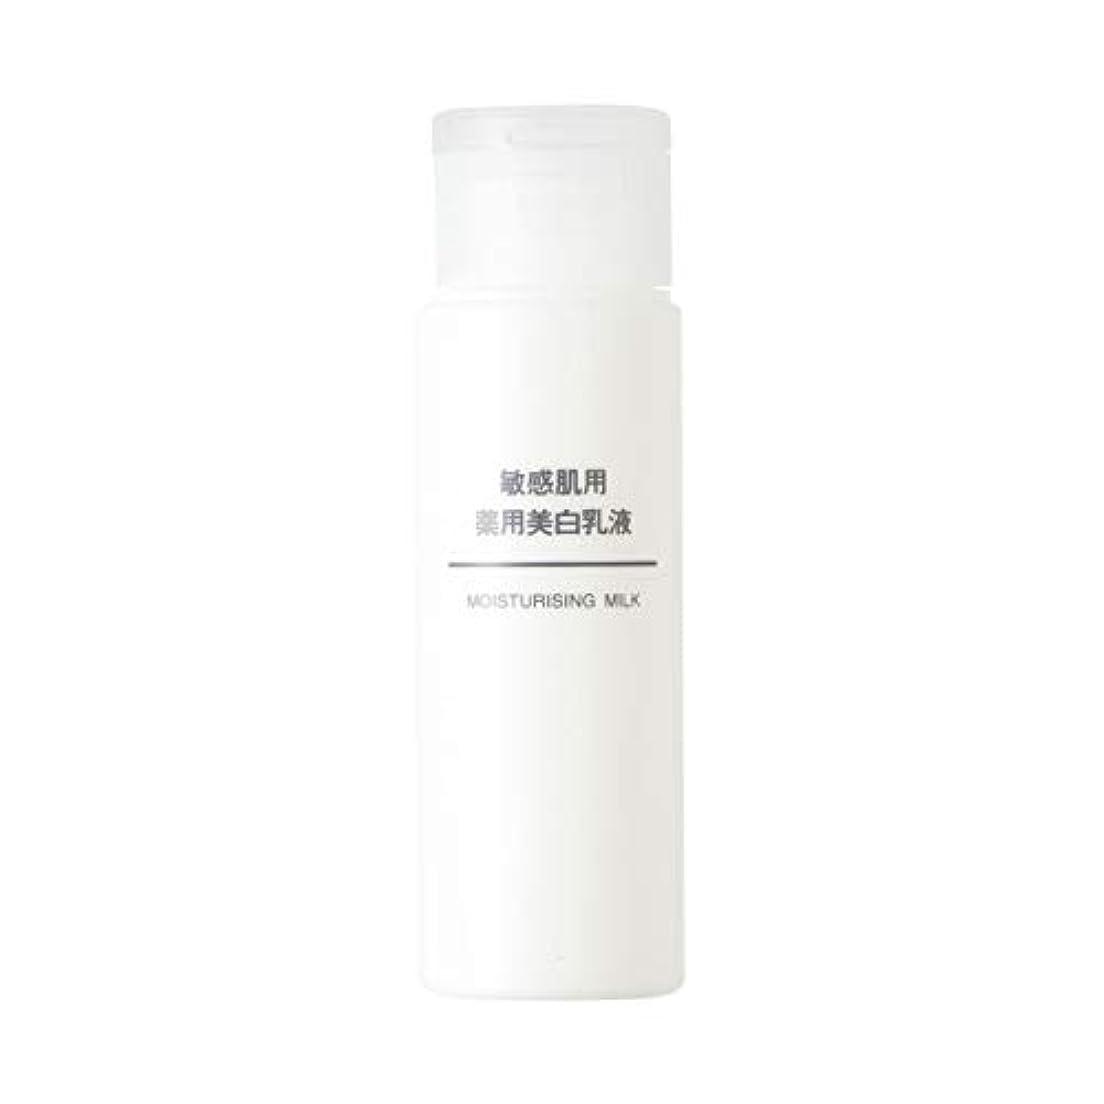 実行する言うすでに無印良品 敏感肌用 薬用美白乳液(携帯用) (新)50ml